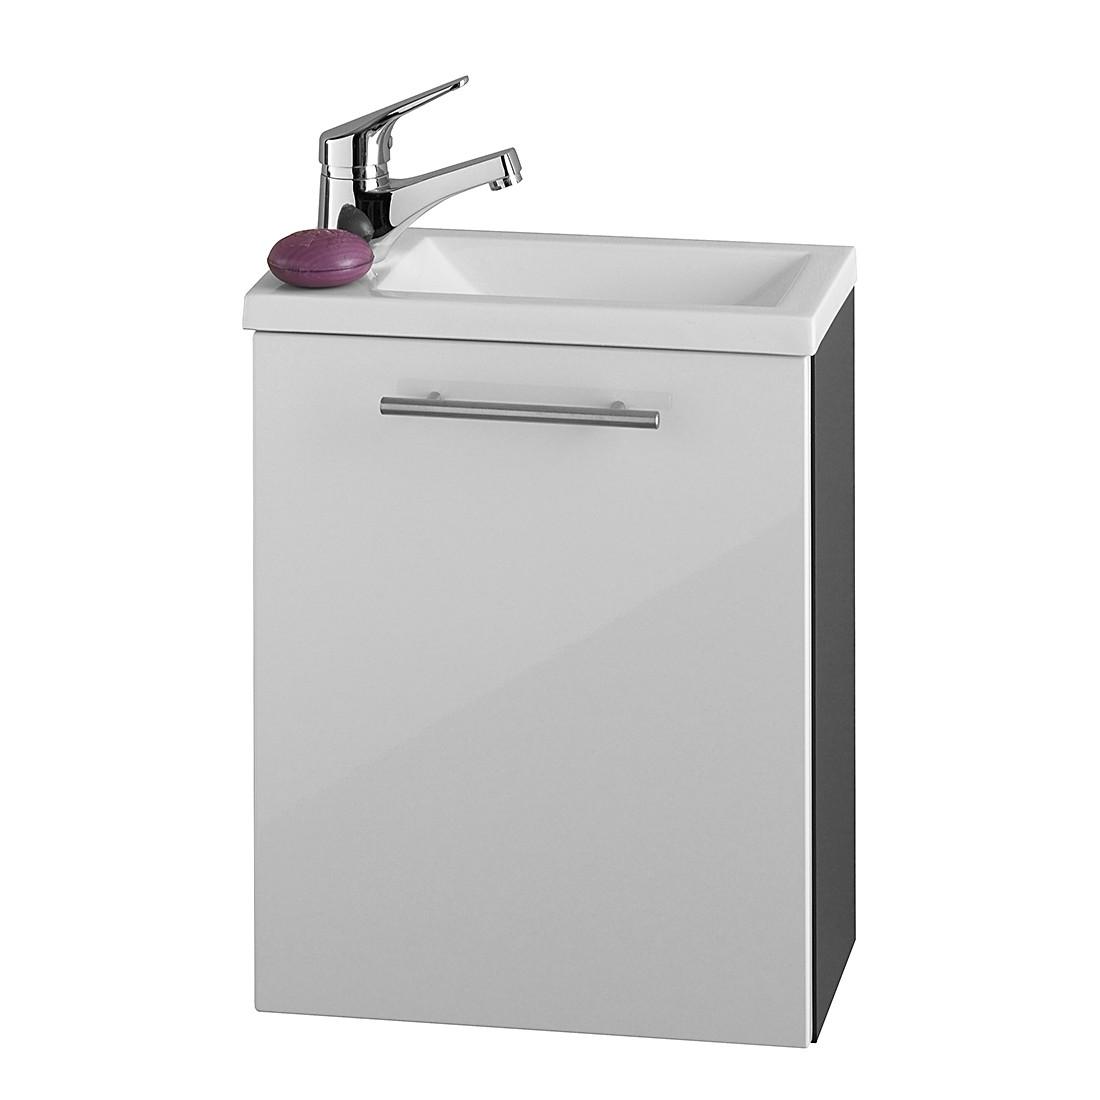 Handwaschplatz Alvaro hgl.-Front – Anthrazit-Weiß, Aqua Suite jetzt kaufen